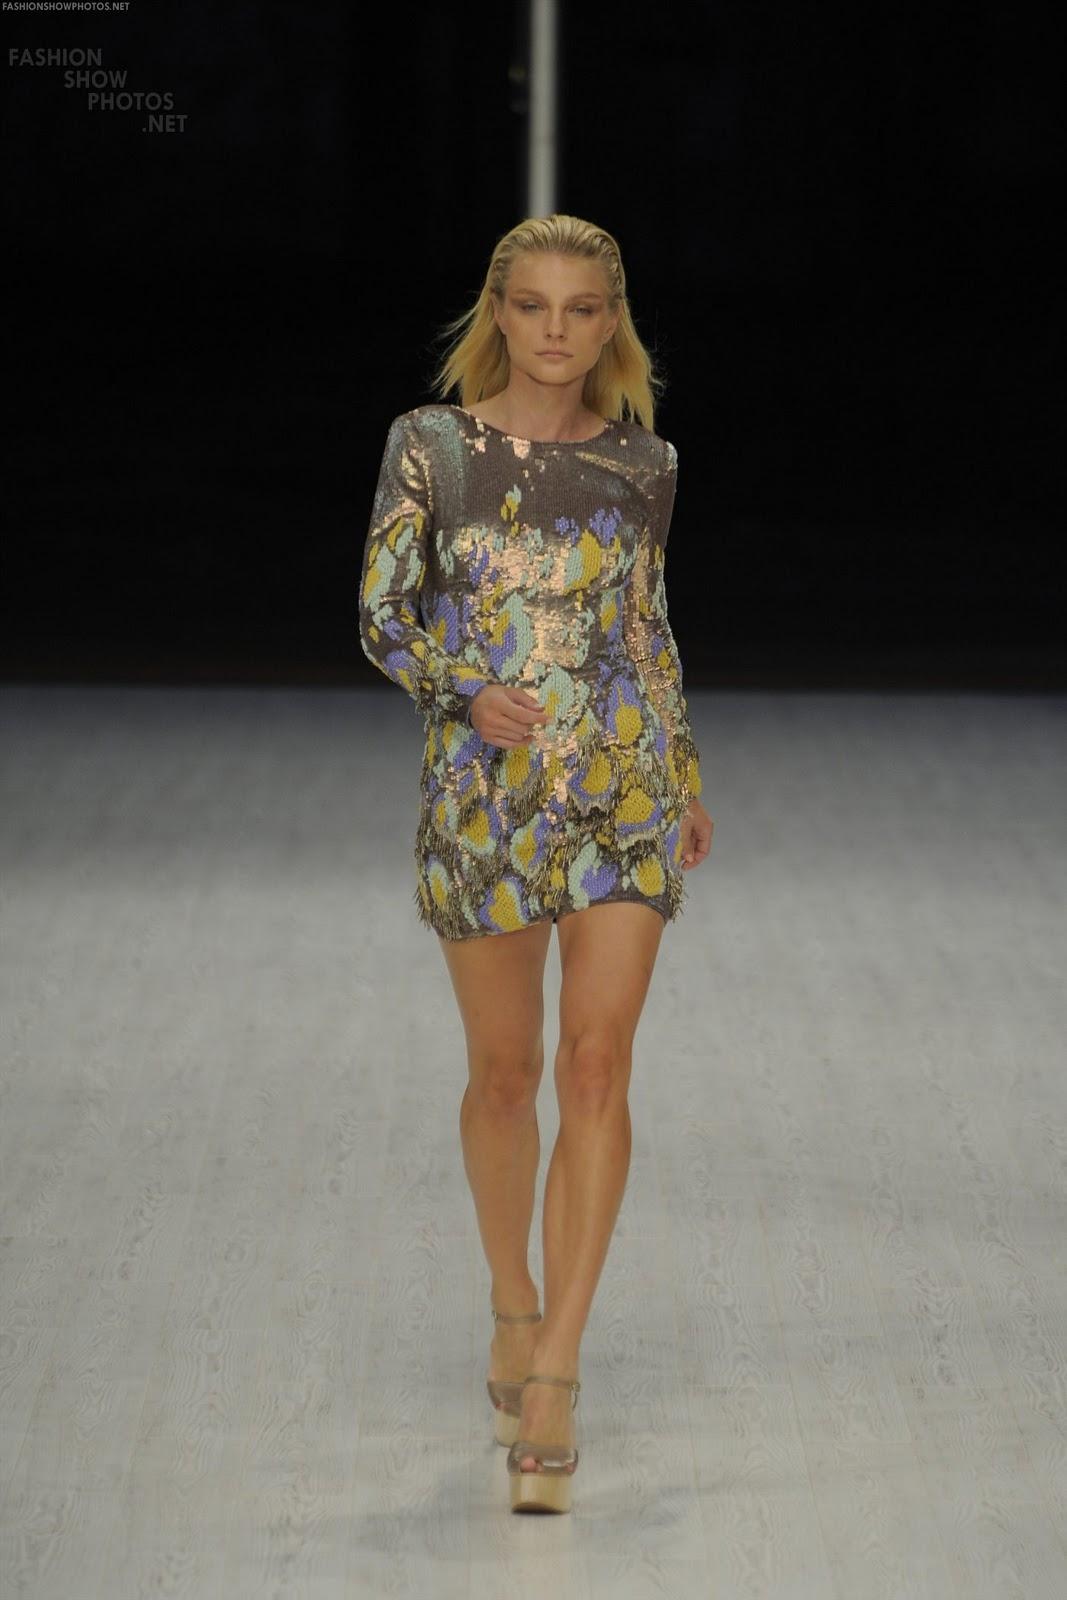 http://1.bp.blogspot.com/-Cr-DHwayNxg/TV--R05Rn7I/AAAAAAAAJBA/7vM1I3ya3WM/s1600/Jessica+Hart+%2526+Jessica+Stam+%2528Matthew+Williamson+SS%2529+HQ.jpg